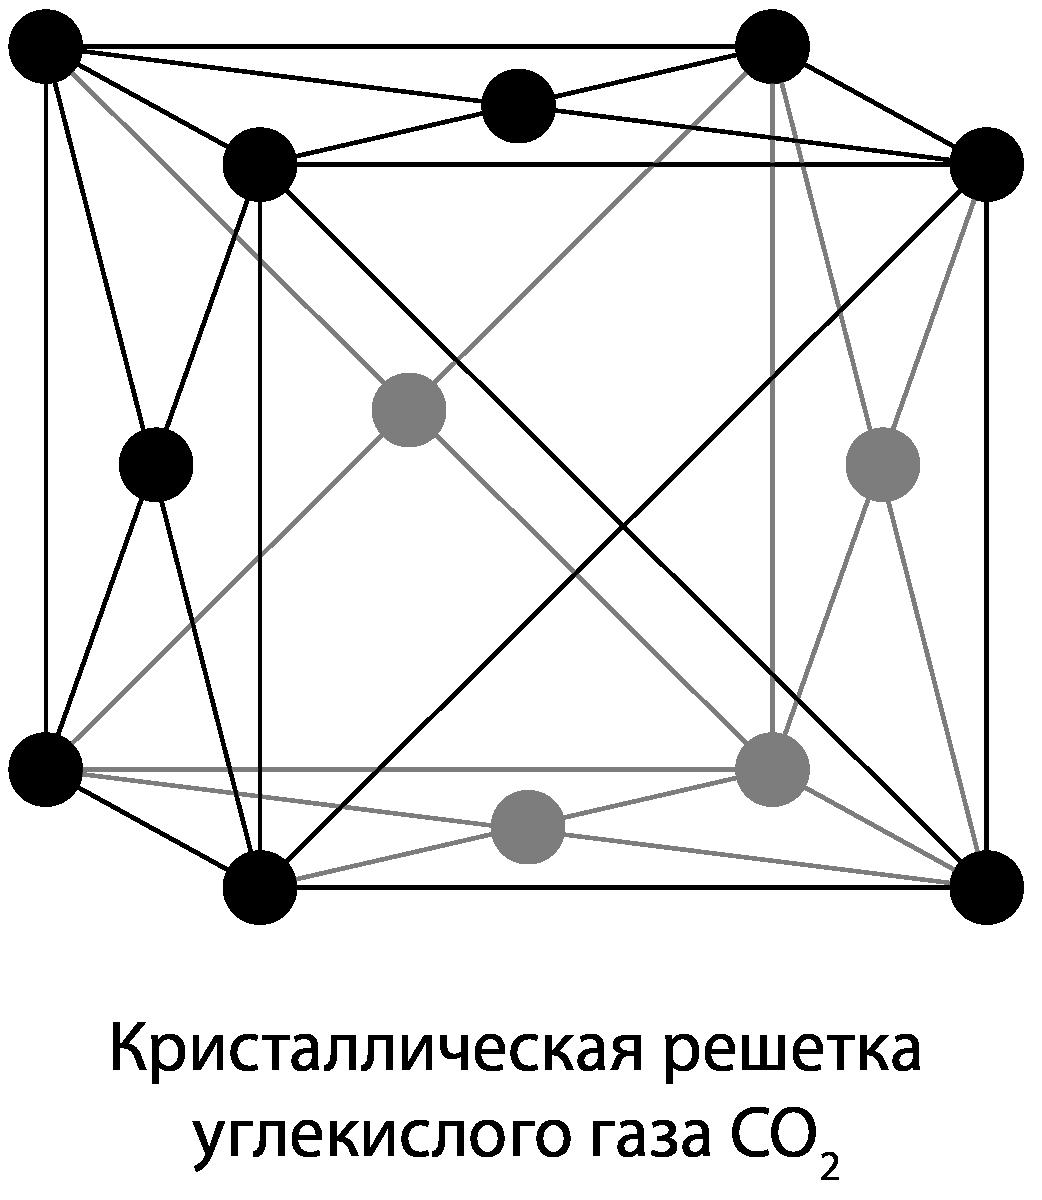 модель кристаллической решетки сухого льда